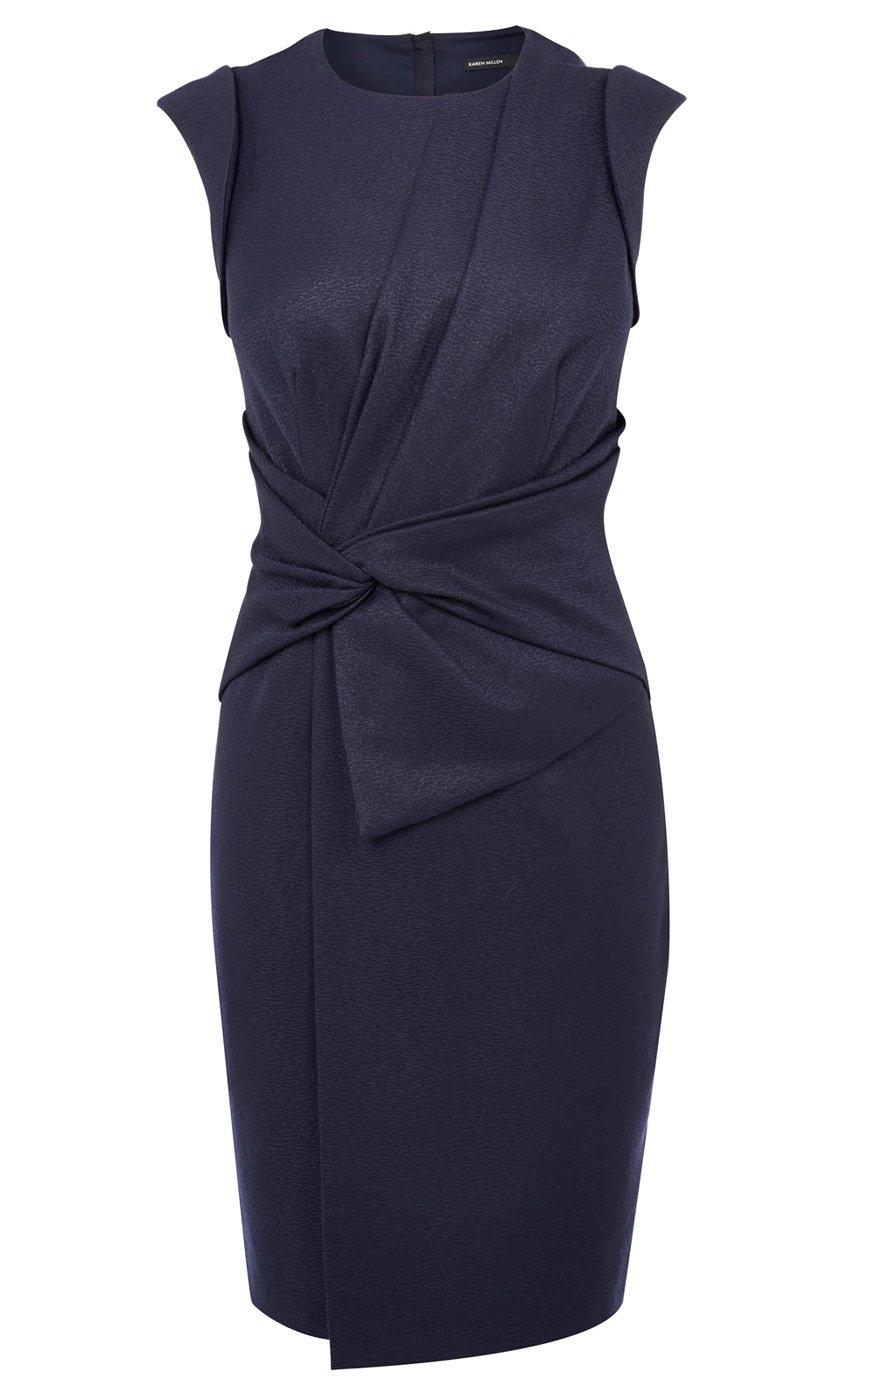 Karen millen blue asymmetric strap bodycon dress